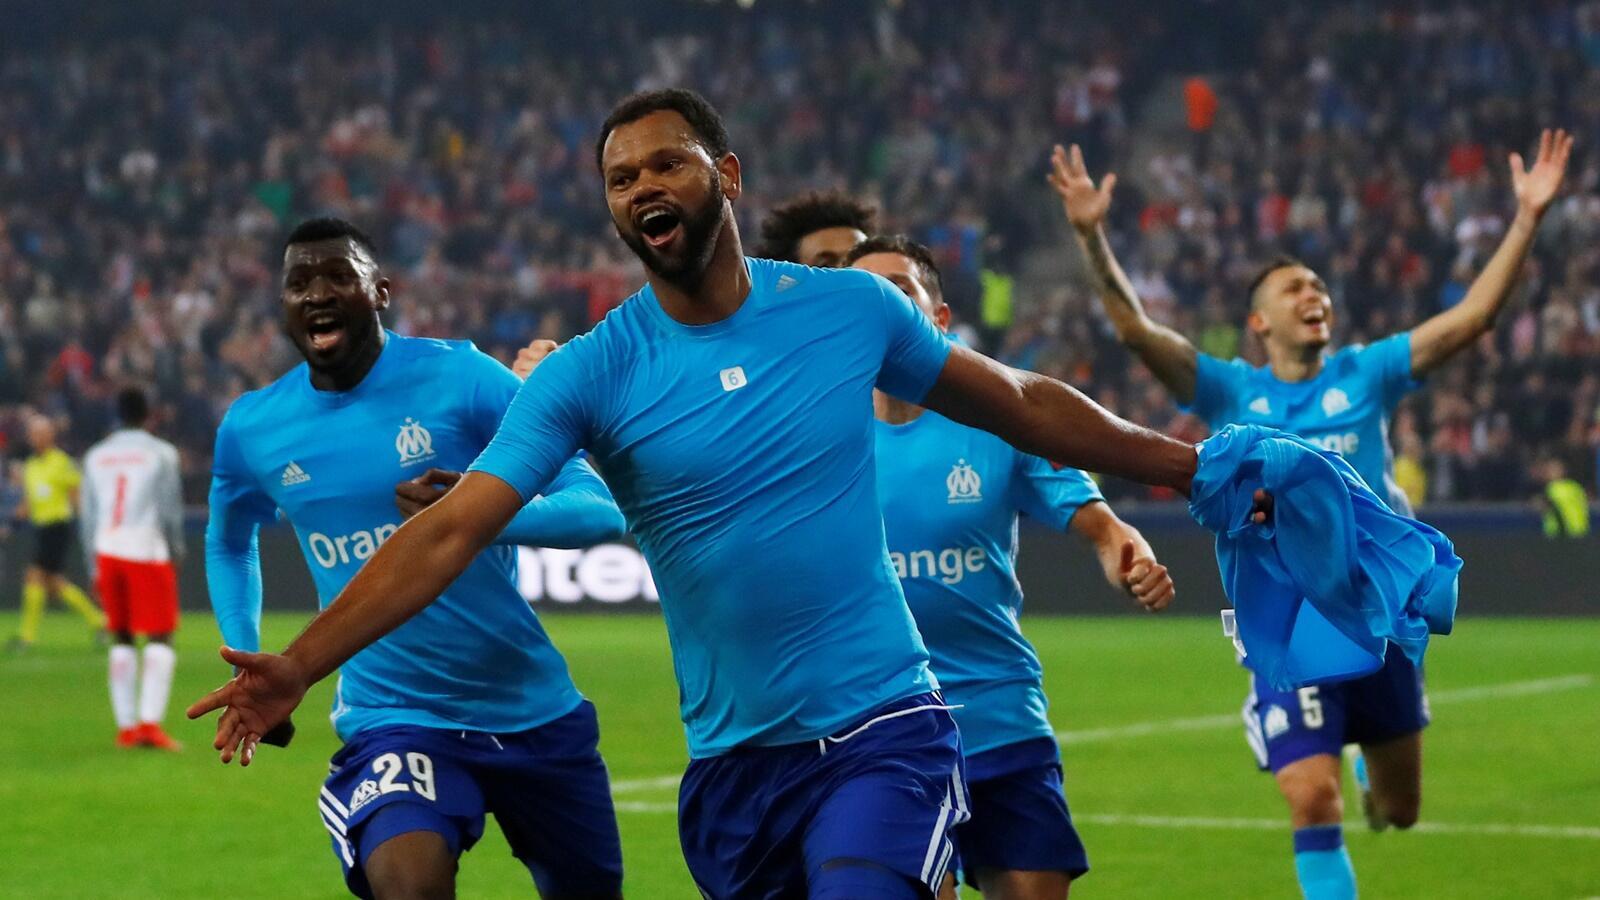 Lewat Perpanjangan Waktu, Marseille Tembus Final Liga Europa